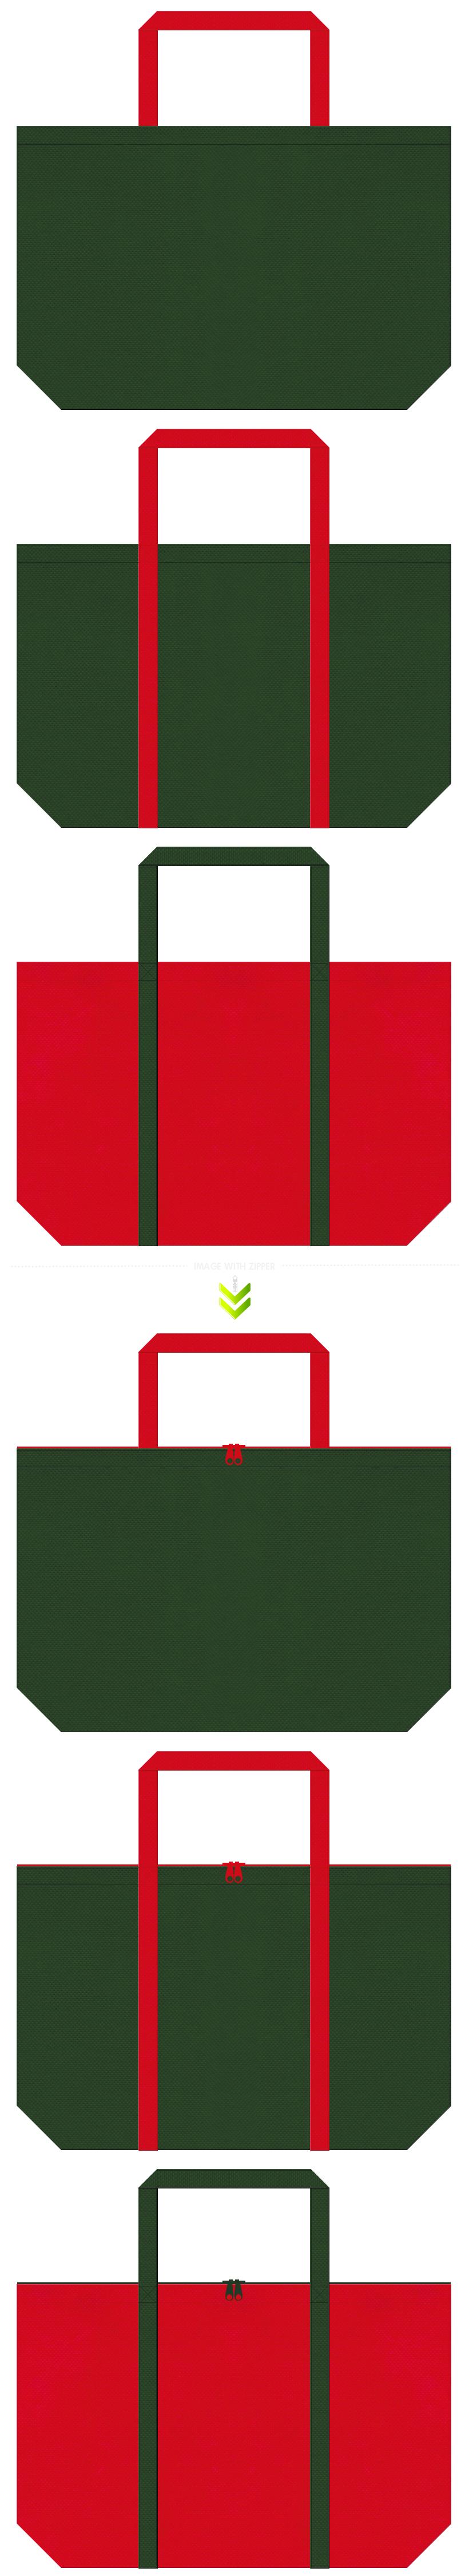 クリスマス向け不織布バッグにお奨めの配色。濃緑色と紅色の不織布バッグ